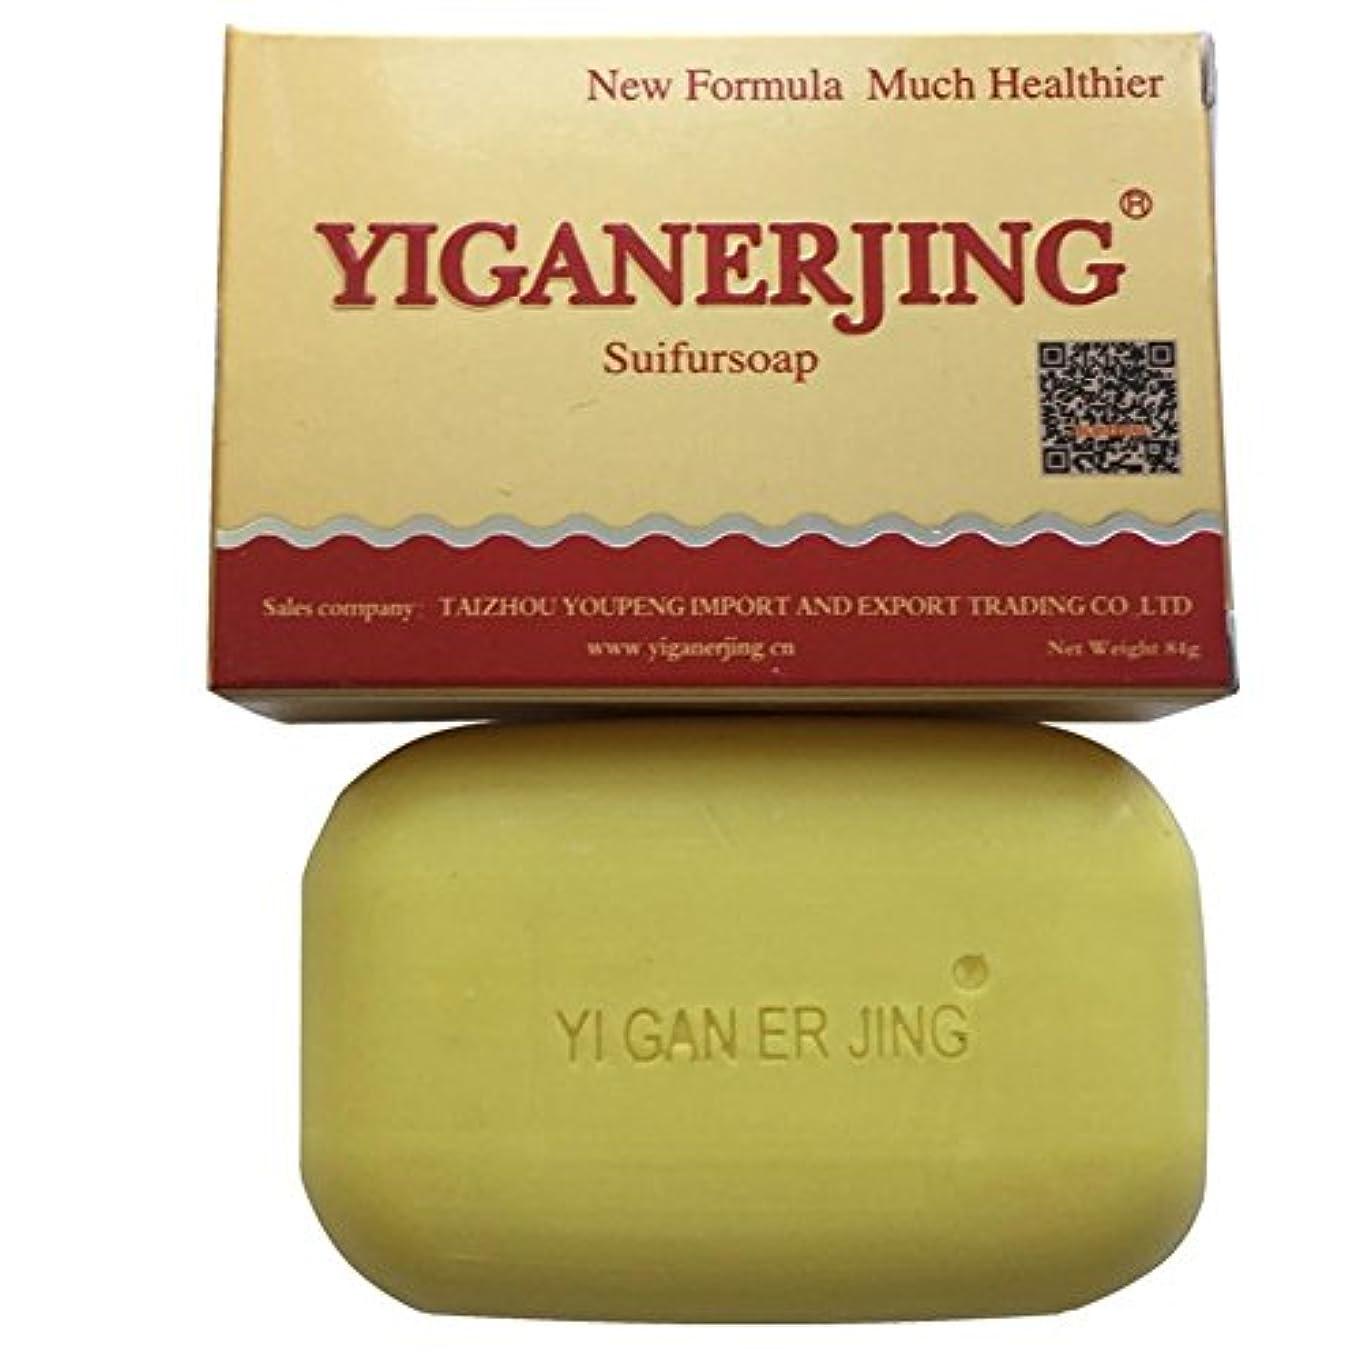 マインドとにかく各洗颜石鹸 顔ダニ対策 硫黄石鹸 肌の状態を改善する 抗真菌バス美白石けんシャンプー石鹸 洗颜用品 90g